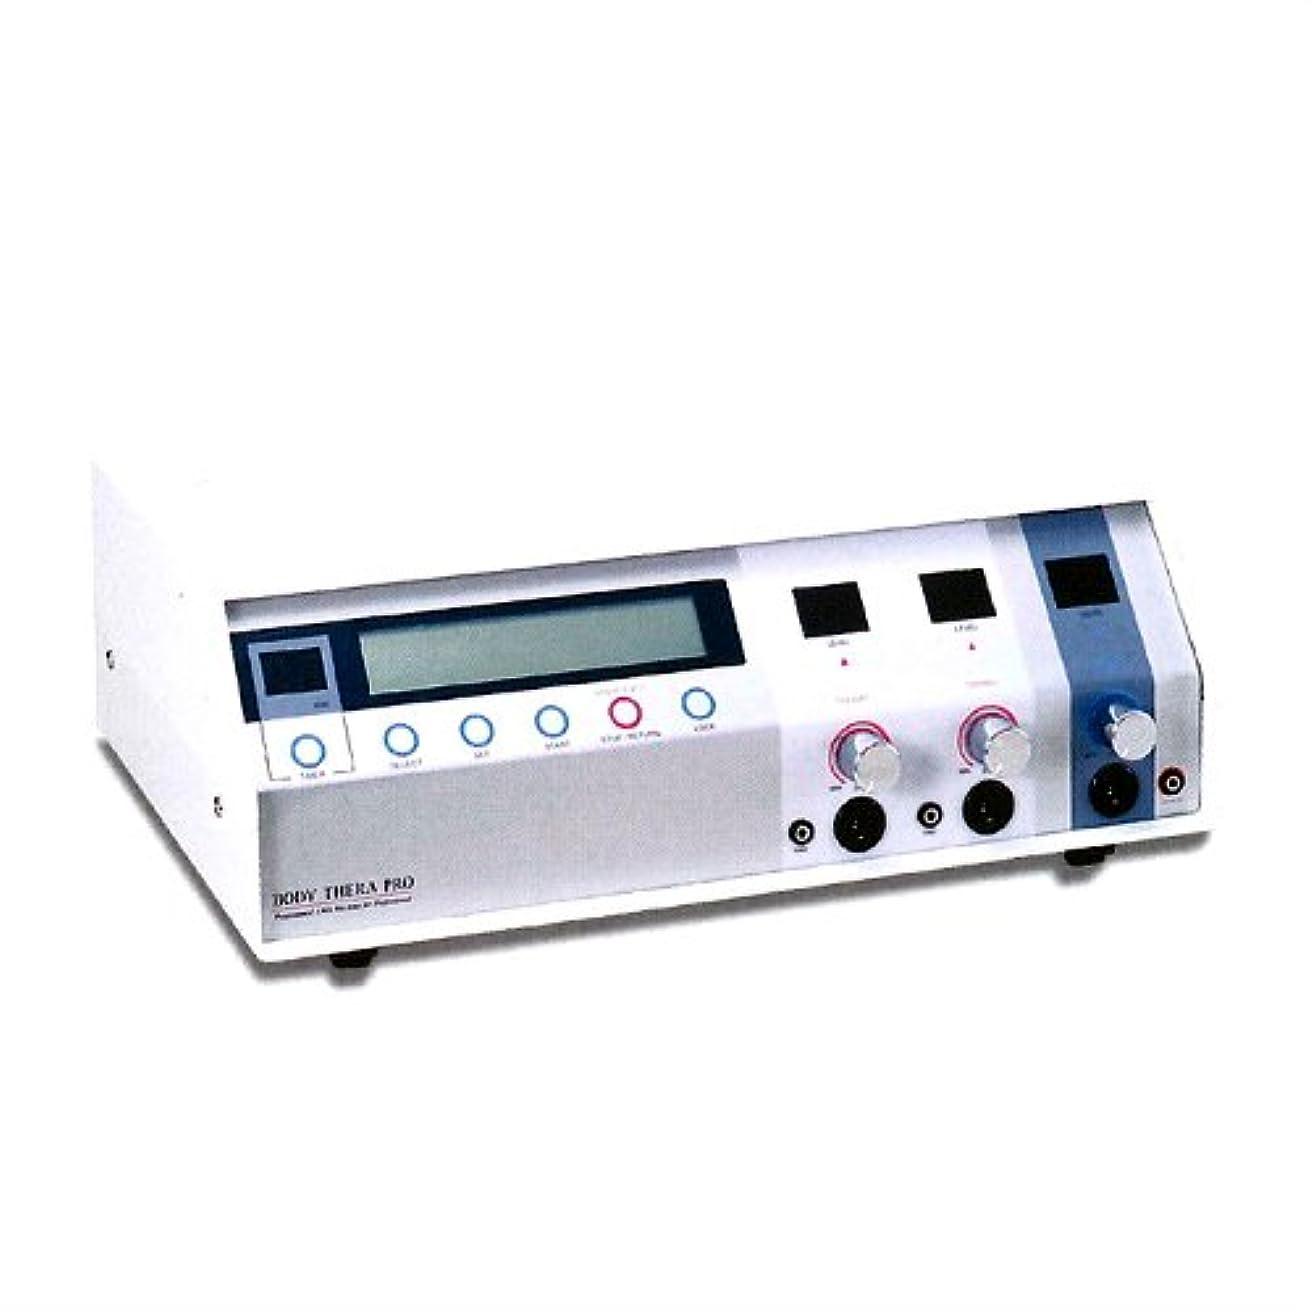 ゴム背景橋脚回転式ポイント通電電流刺激美容器 伊藤超短波 ボディセラプロ